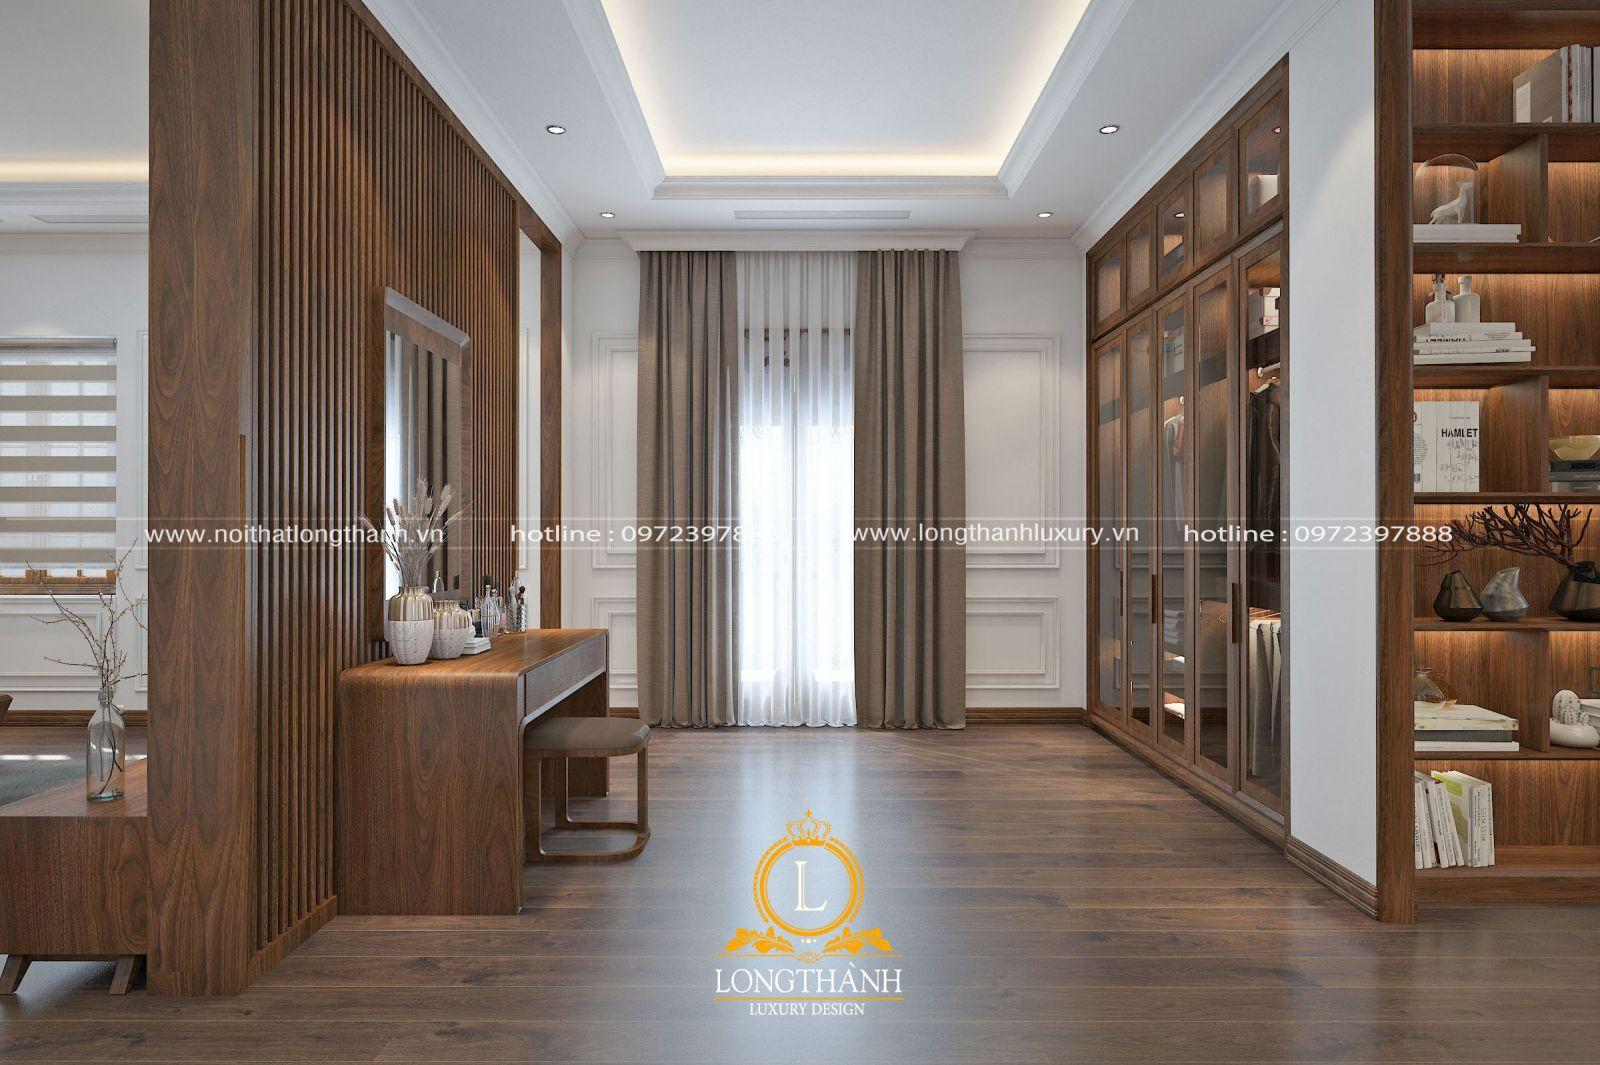 Phòng ngủ hiện đại thiết kế phân chia không gian theo công năng sử dụng tiện nghi